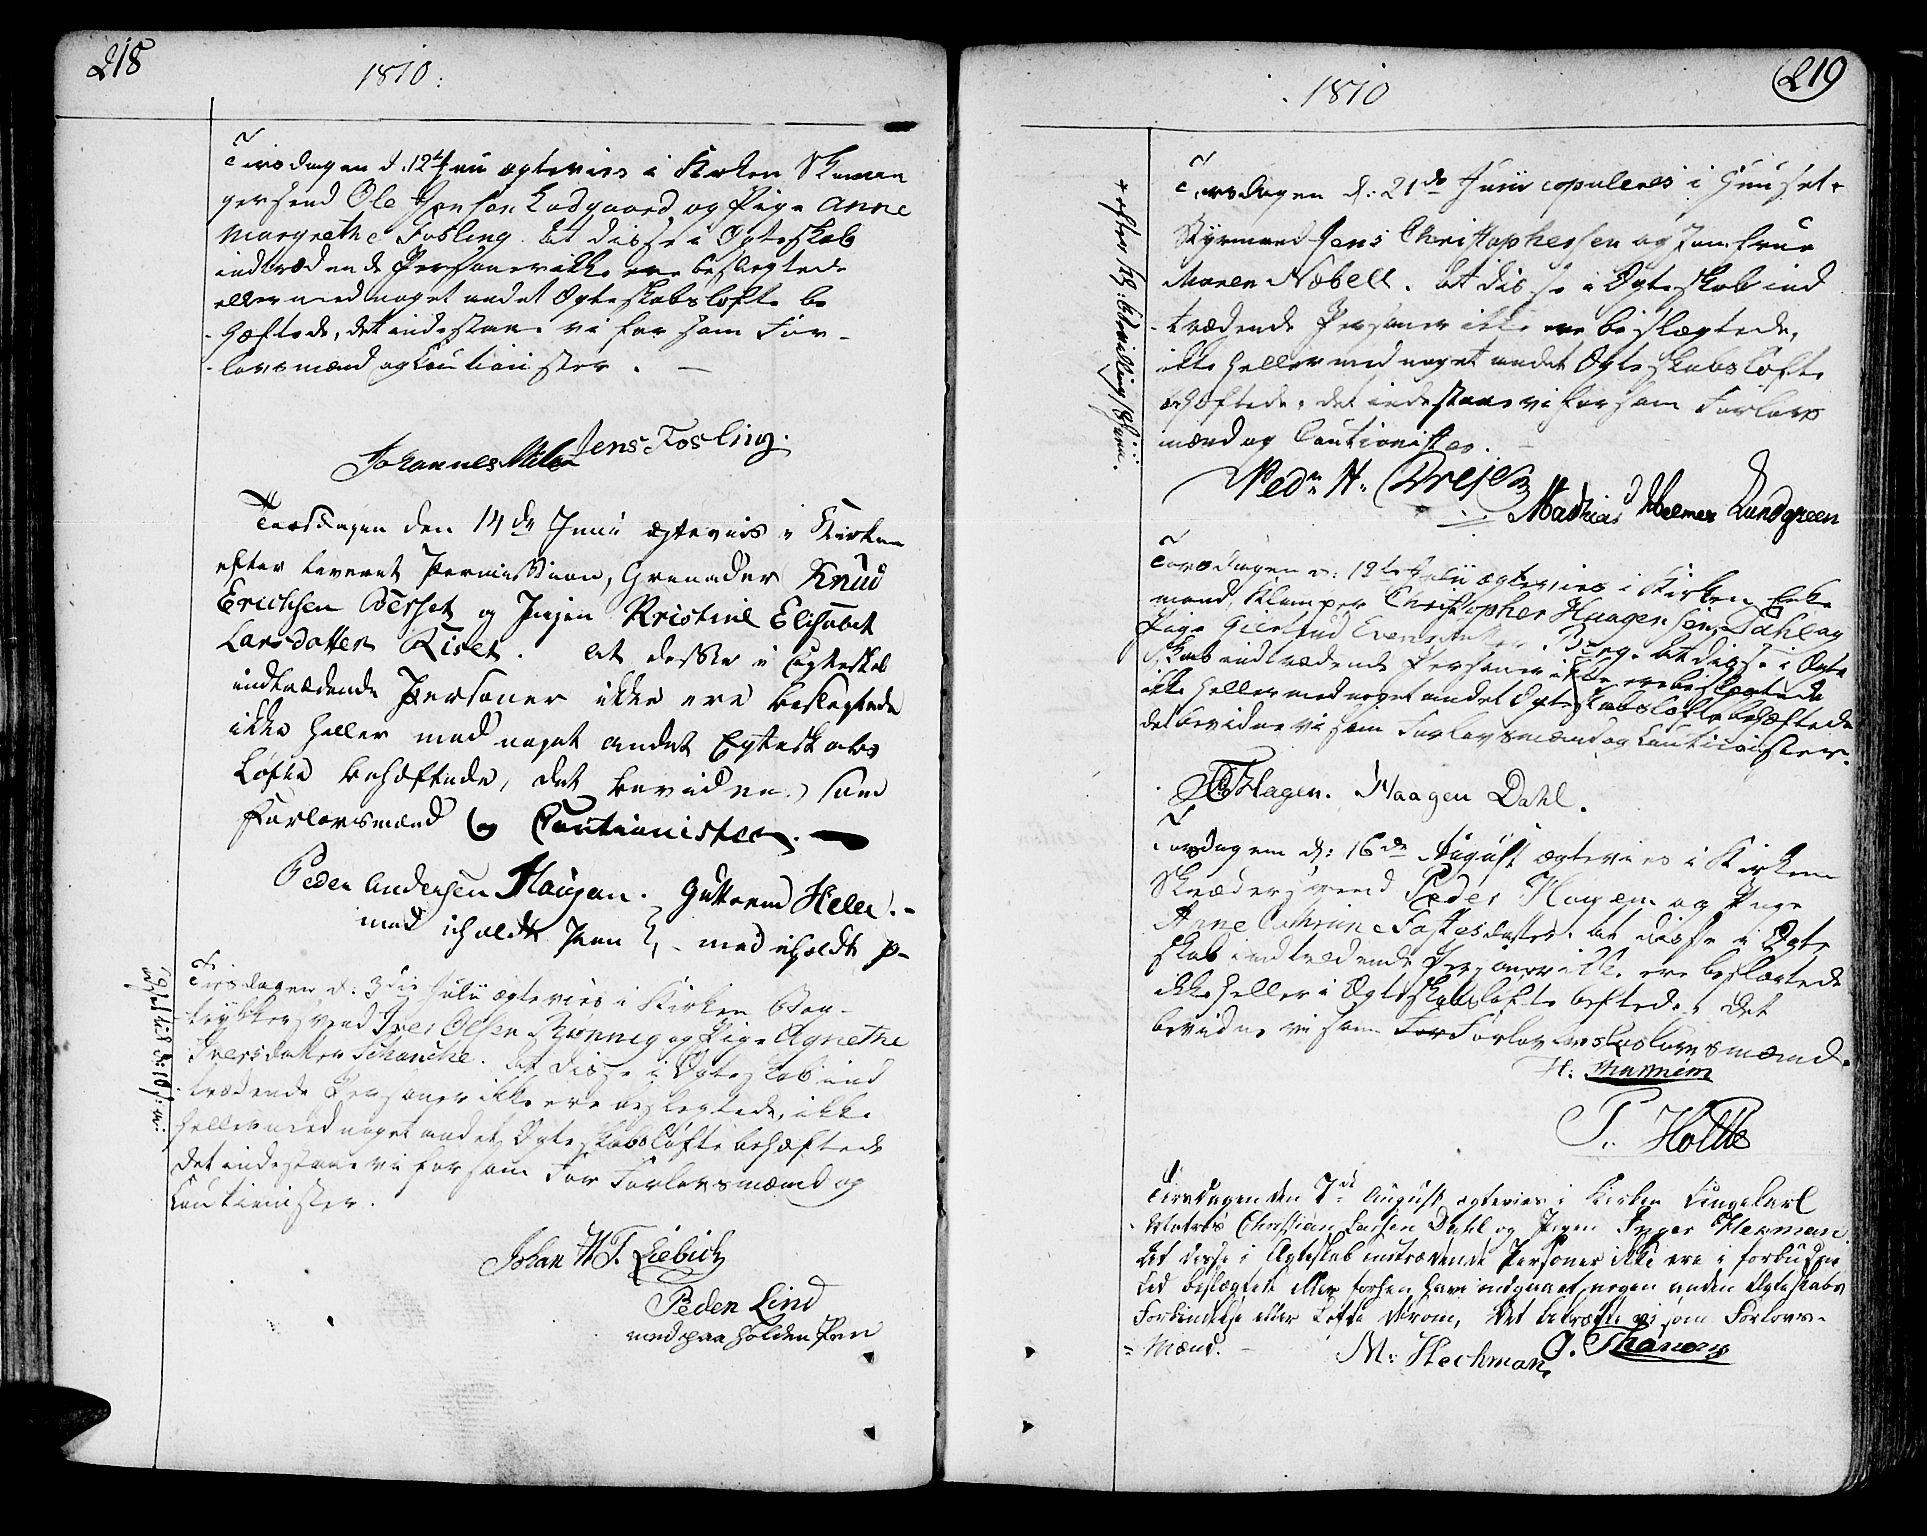 SAT, Ministerialprotokoller, klokkerbøker og fødselsregistre - Sør-Trøndelag, 602/L0105: Ministerialbok nr. 602A03, 1774-1814, s. 218-219